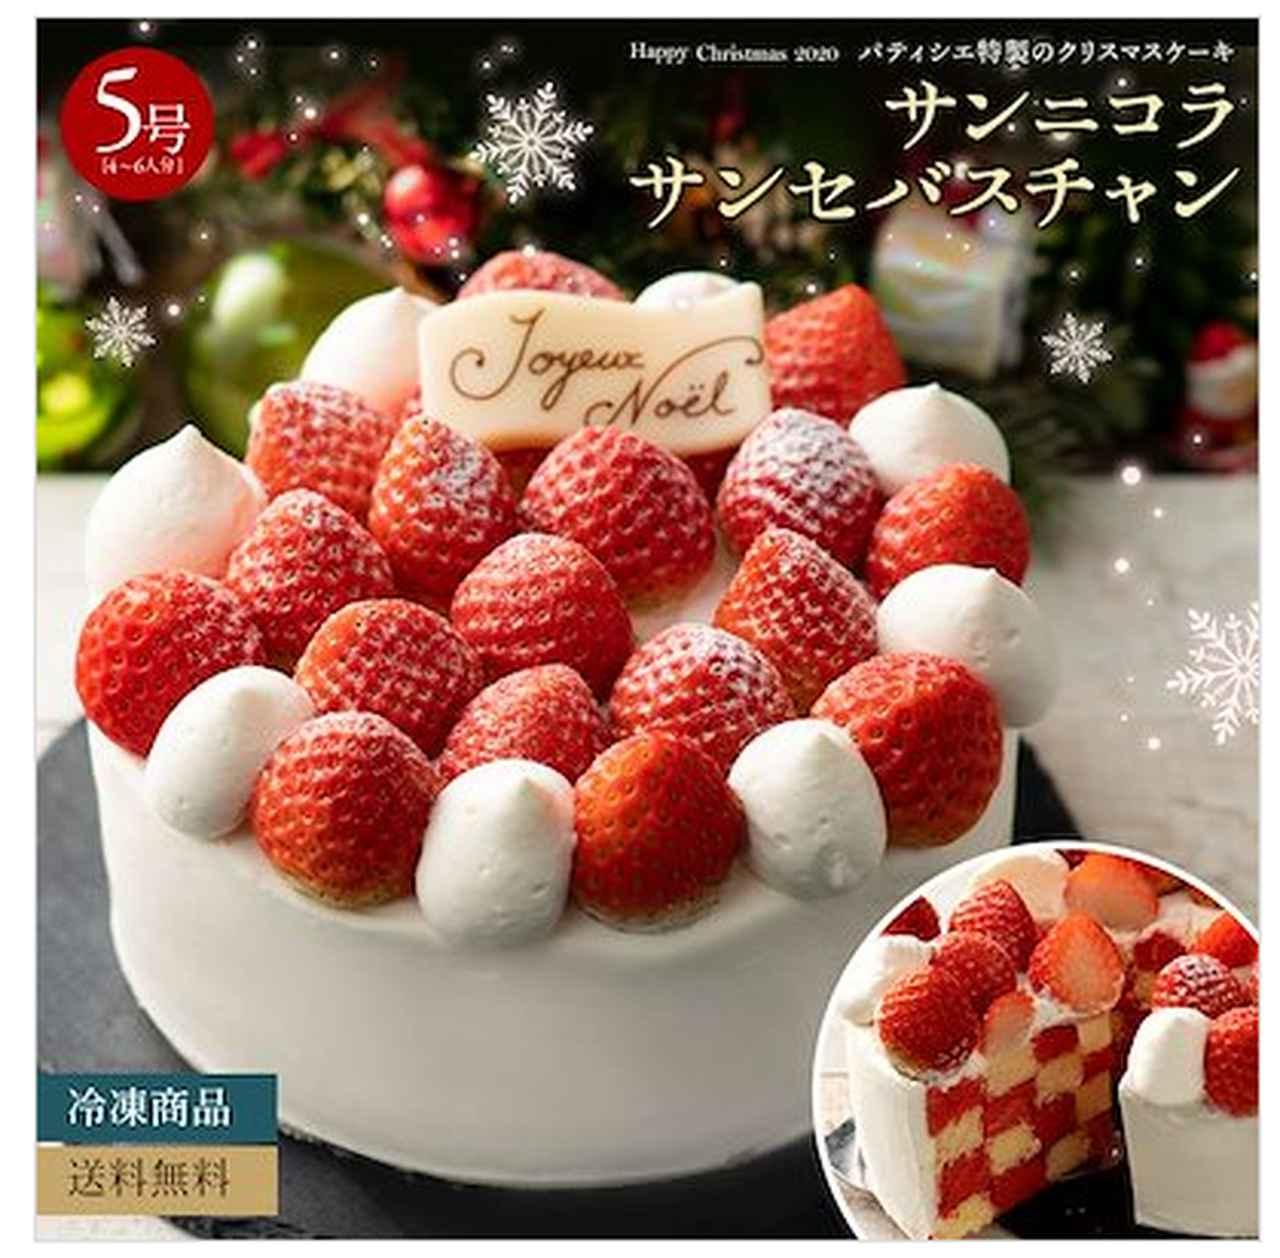 画像: クリスマスケーキ サンセバスチャン bit.ly